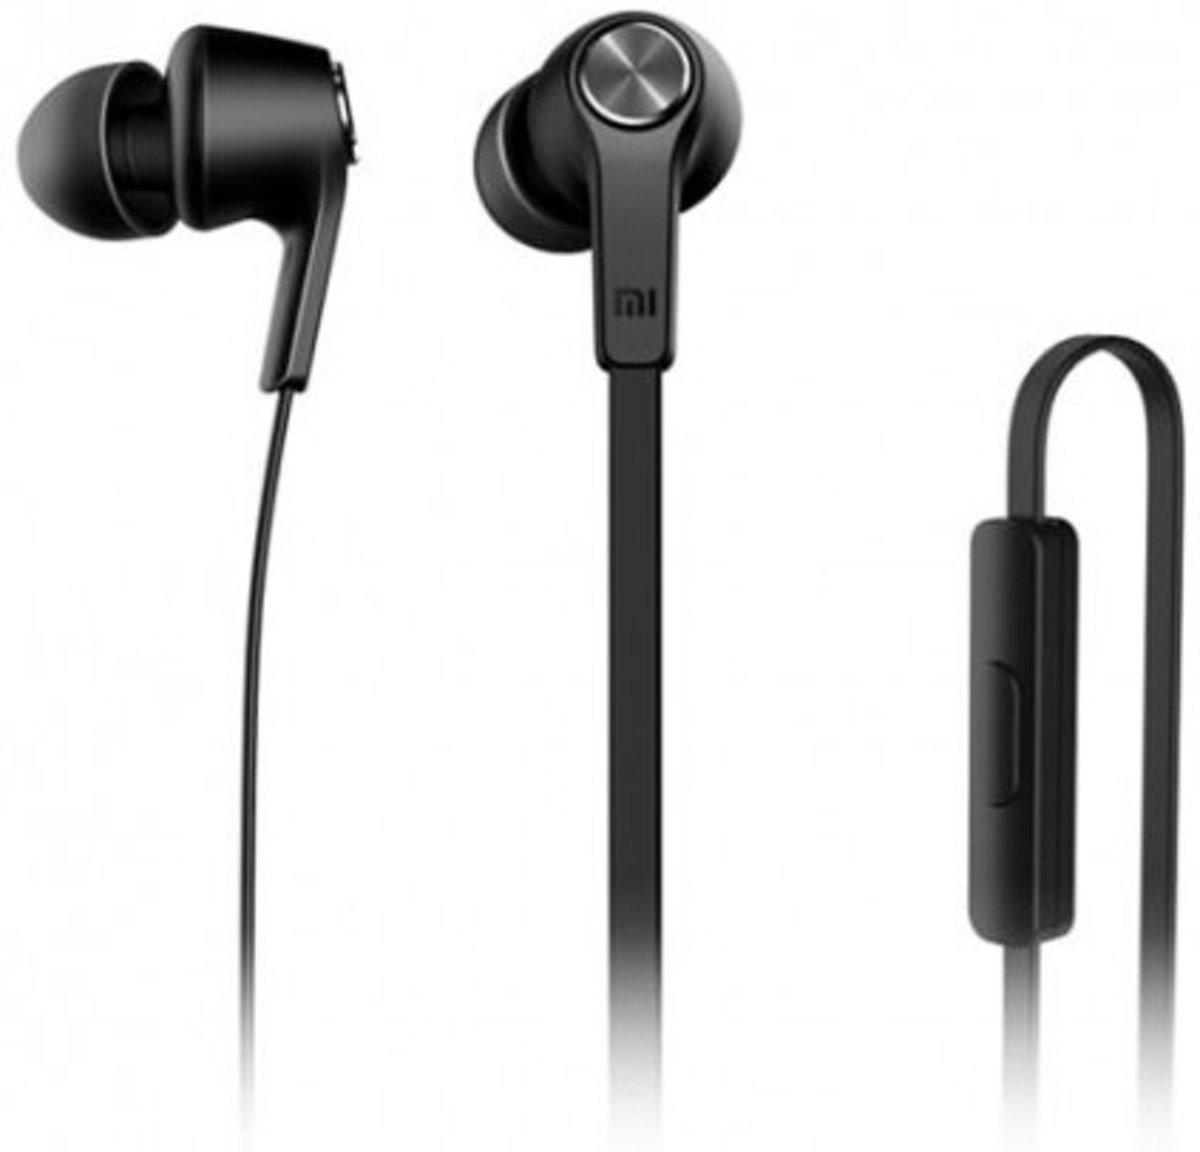 Xiaomi Koptelefoon Premium Headphones Piston In-Ear Oordopjes Wire Control + MIC Black